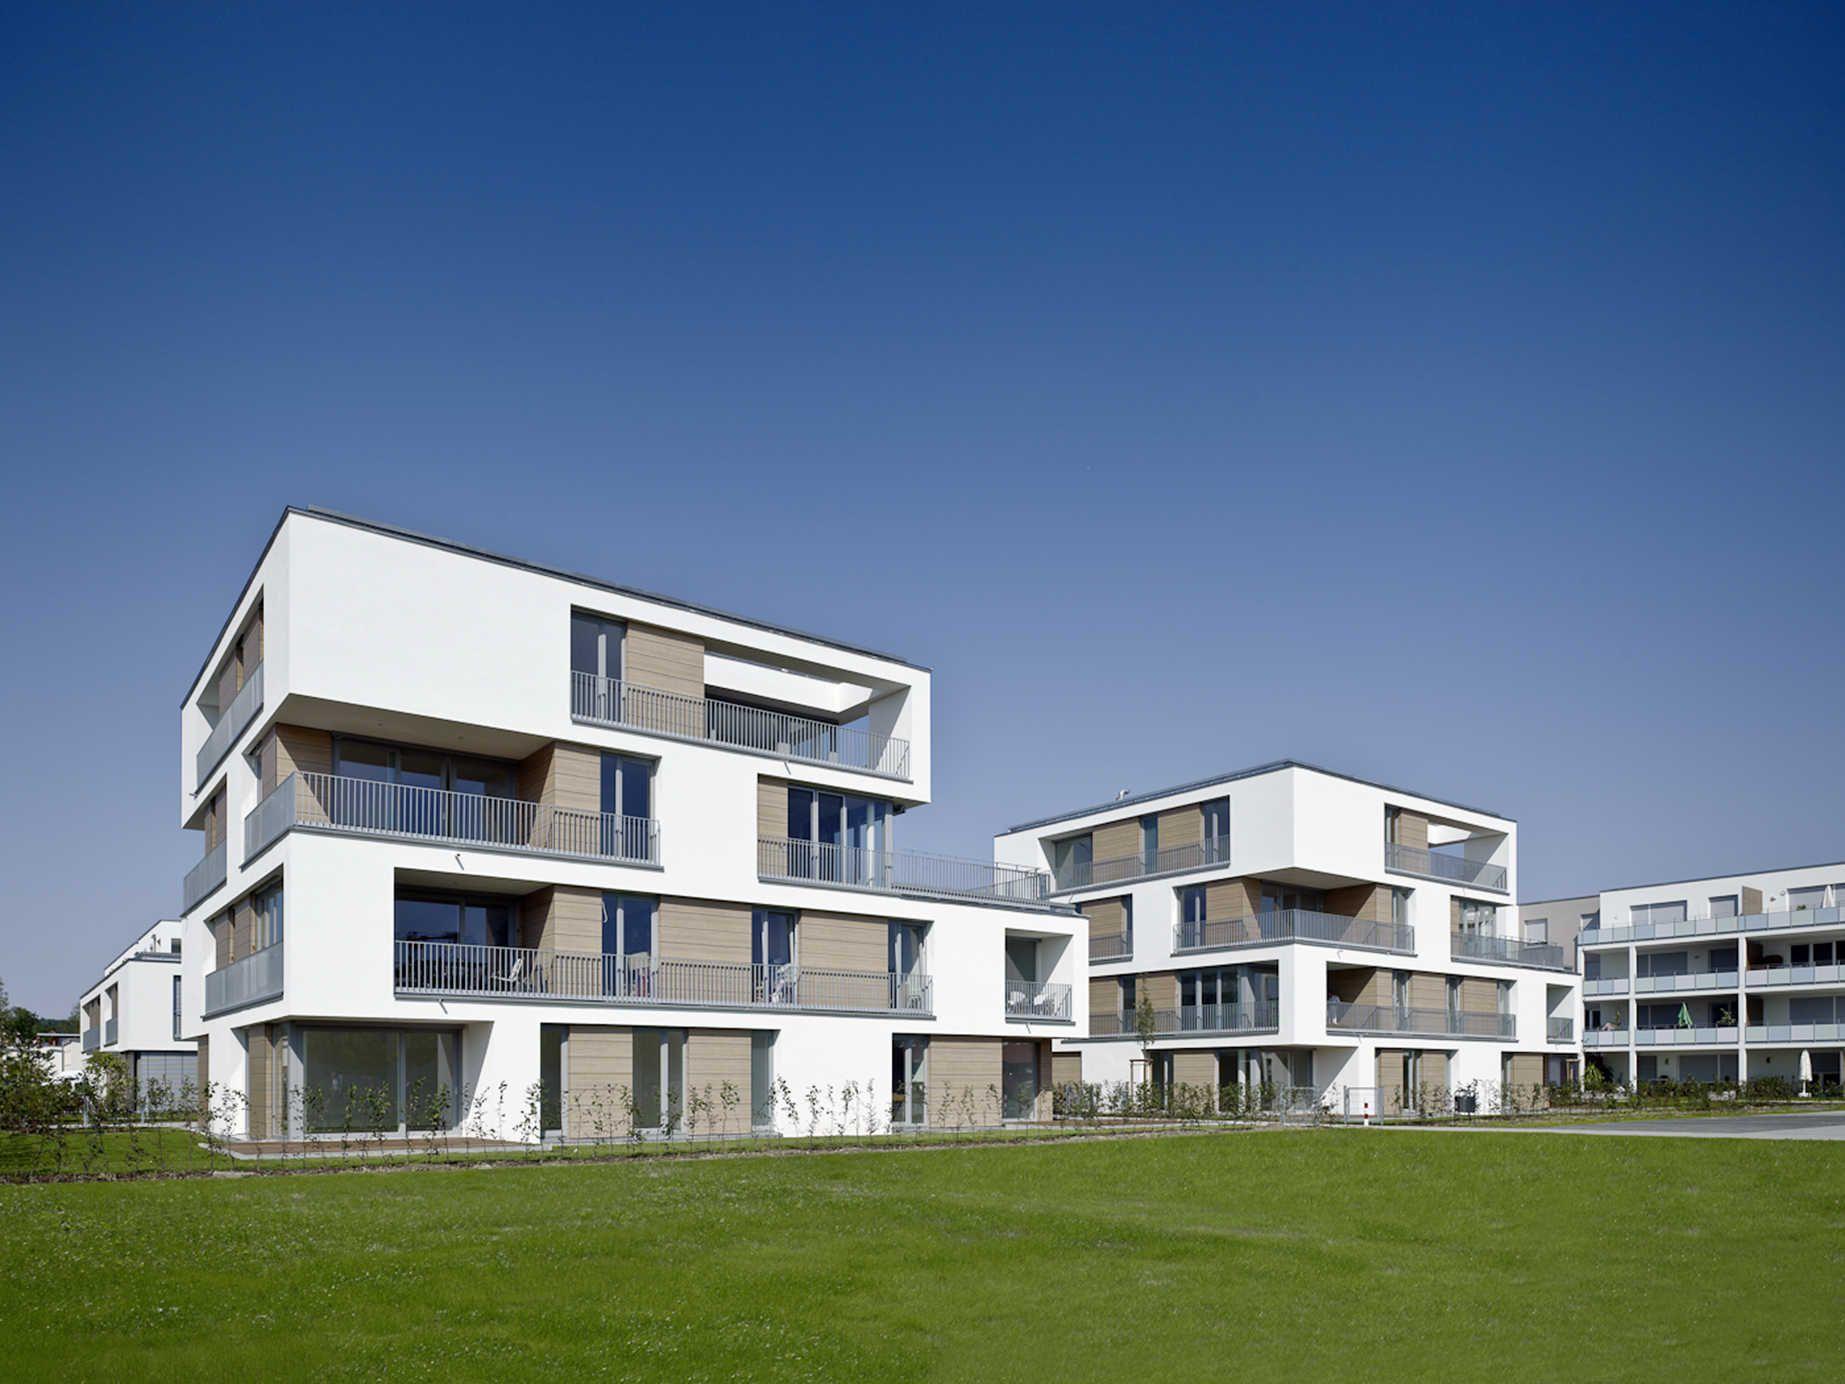 Parco residenziale fourside trespa projets essayer for Stili di arredamento interni